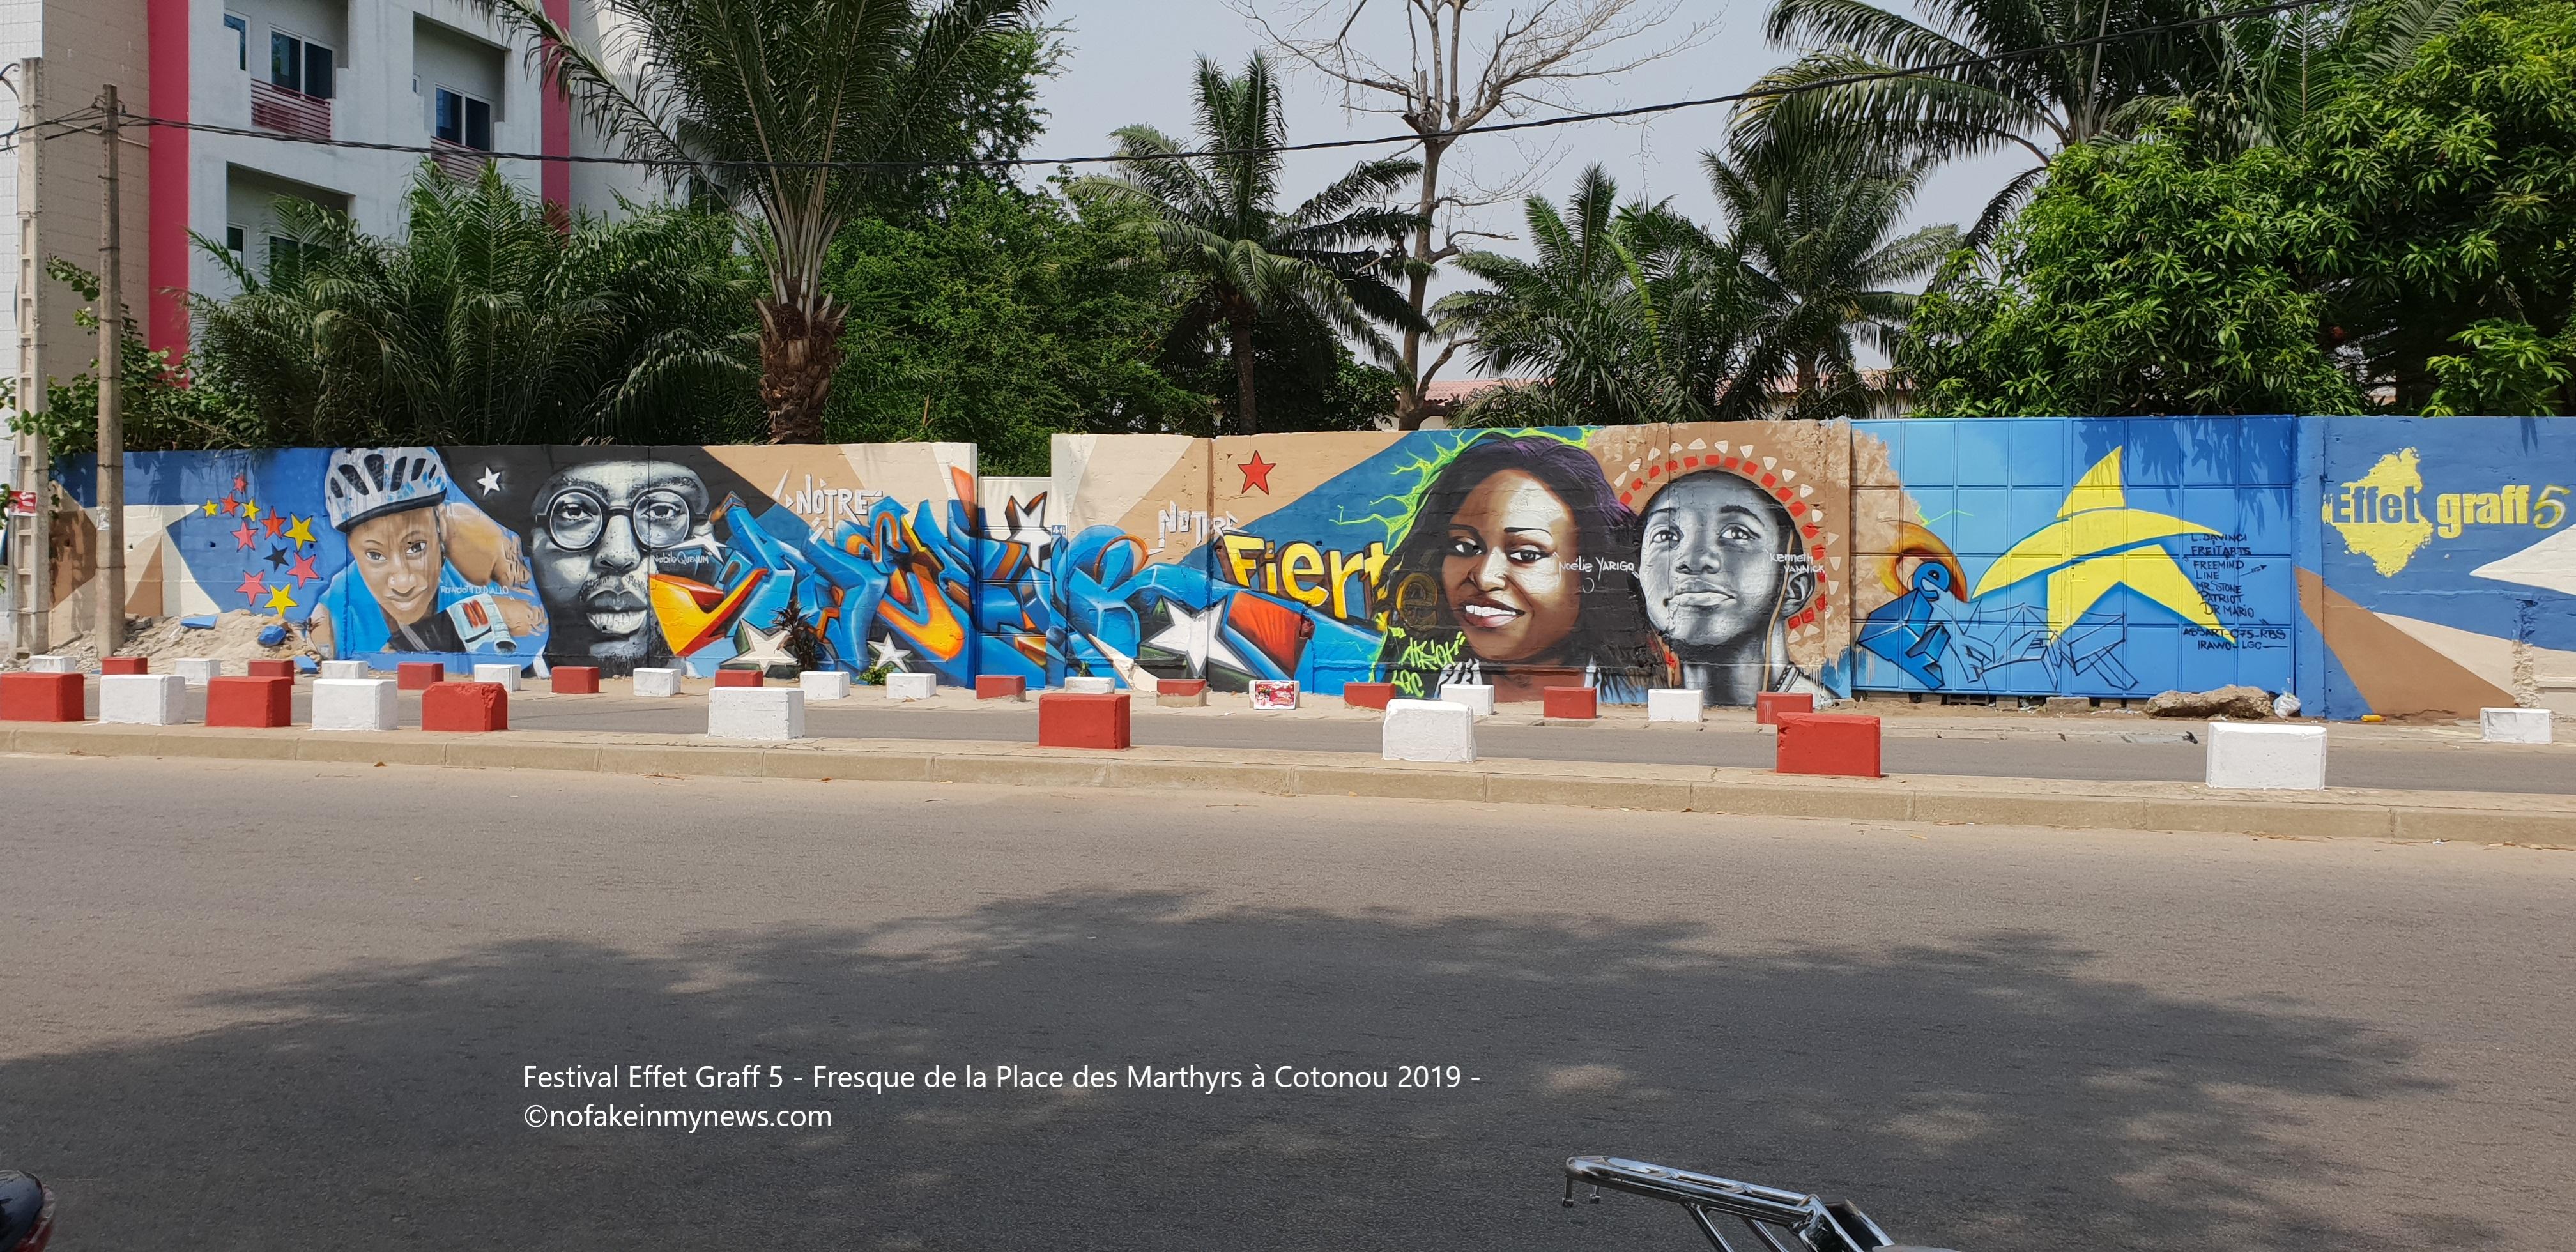 Festival Effet Graff 5 - Fresque de la Place des Marthyrs à Cotonou 2019 - ©nofakeinmynews